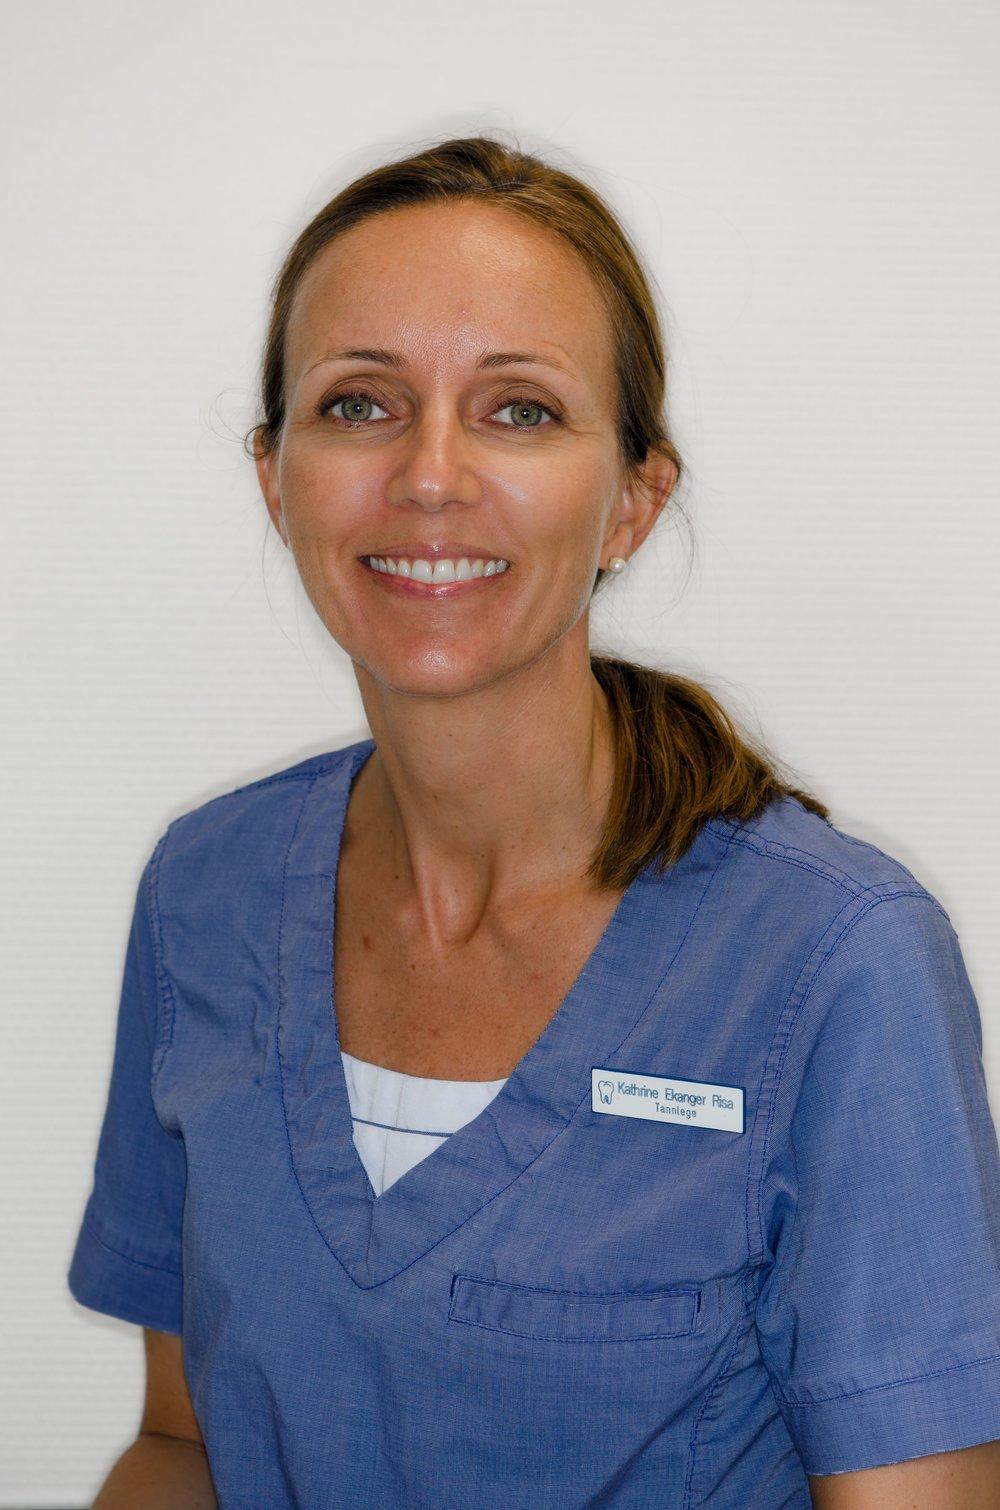 Tannlege Kathrine Ekanger Risa - spesialkompetanse implantatprotetikk